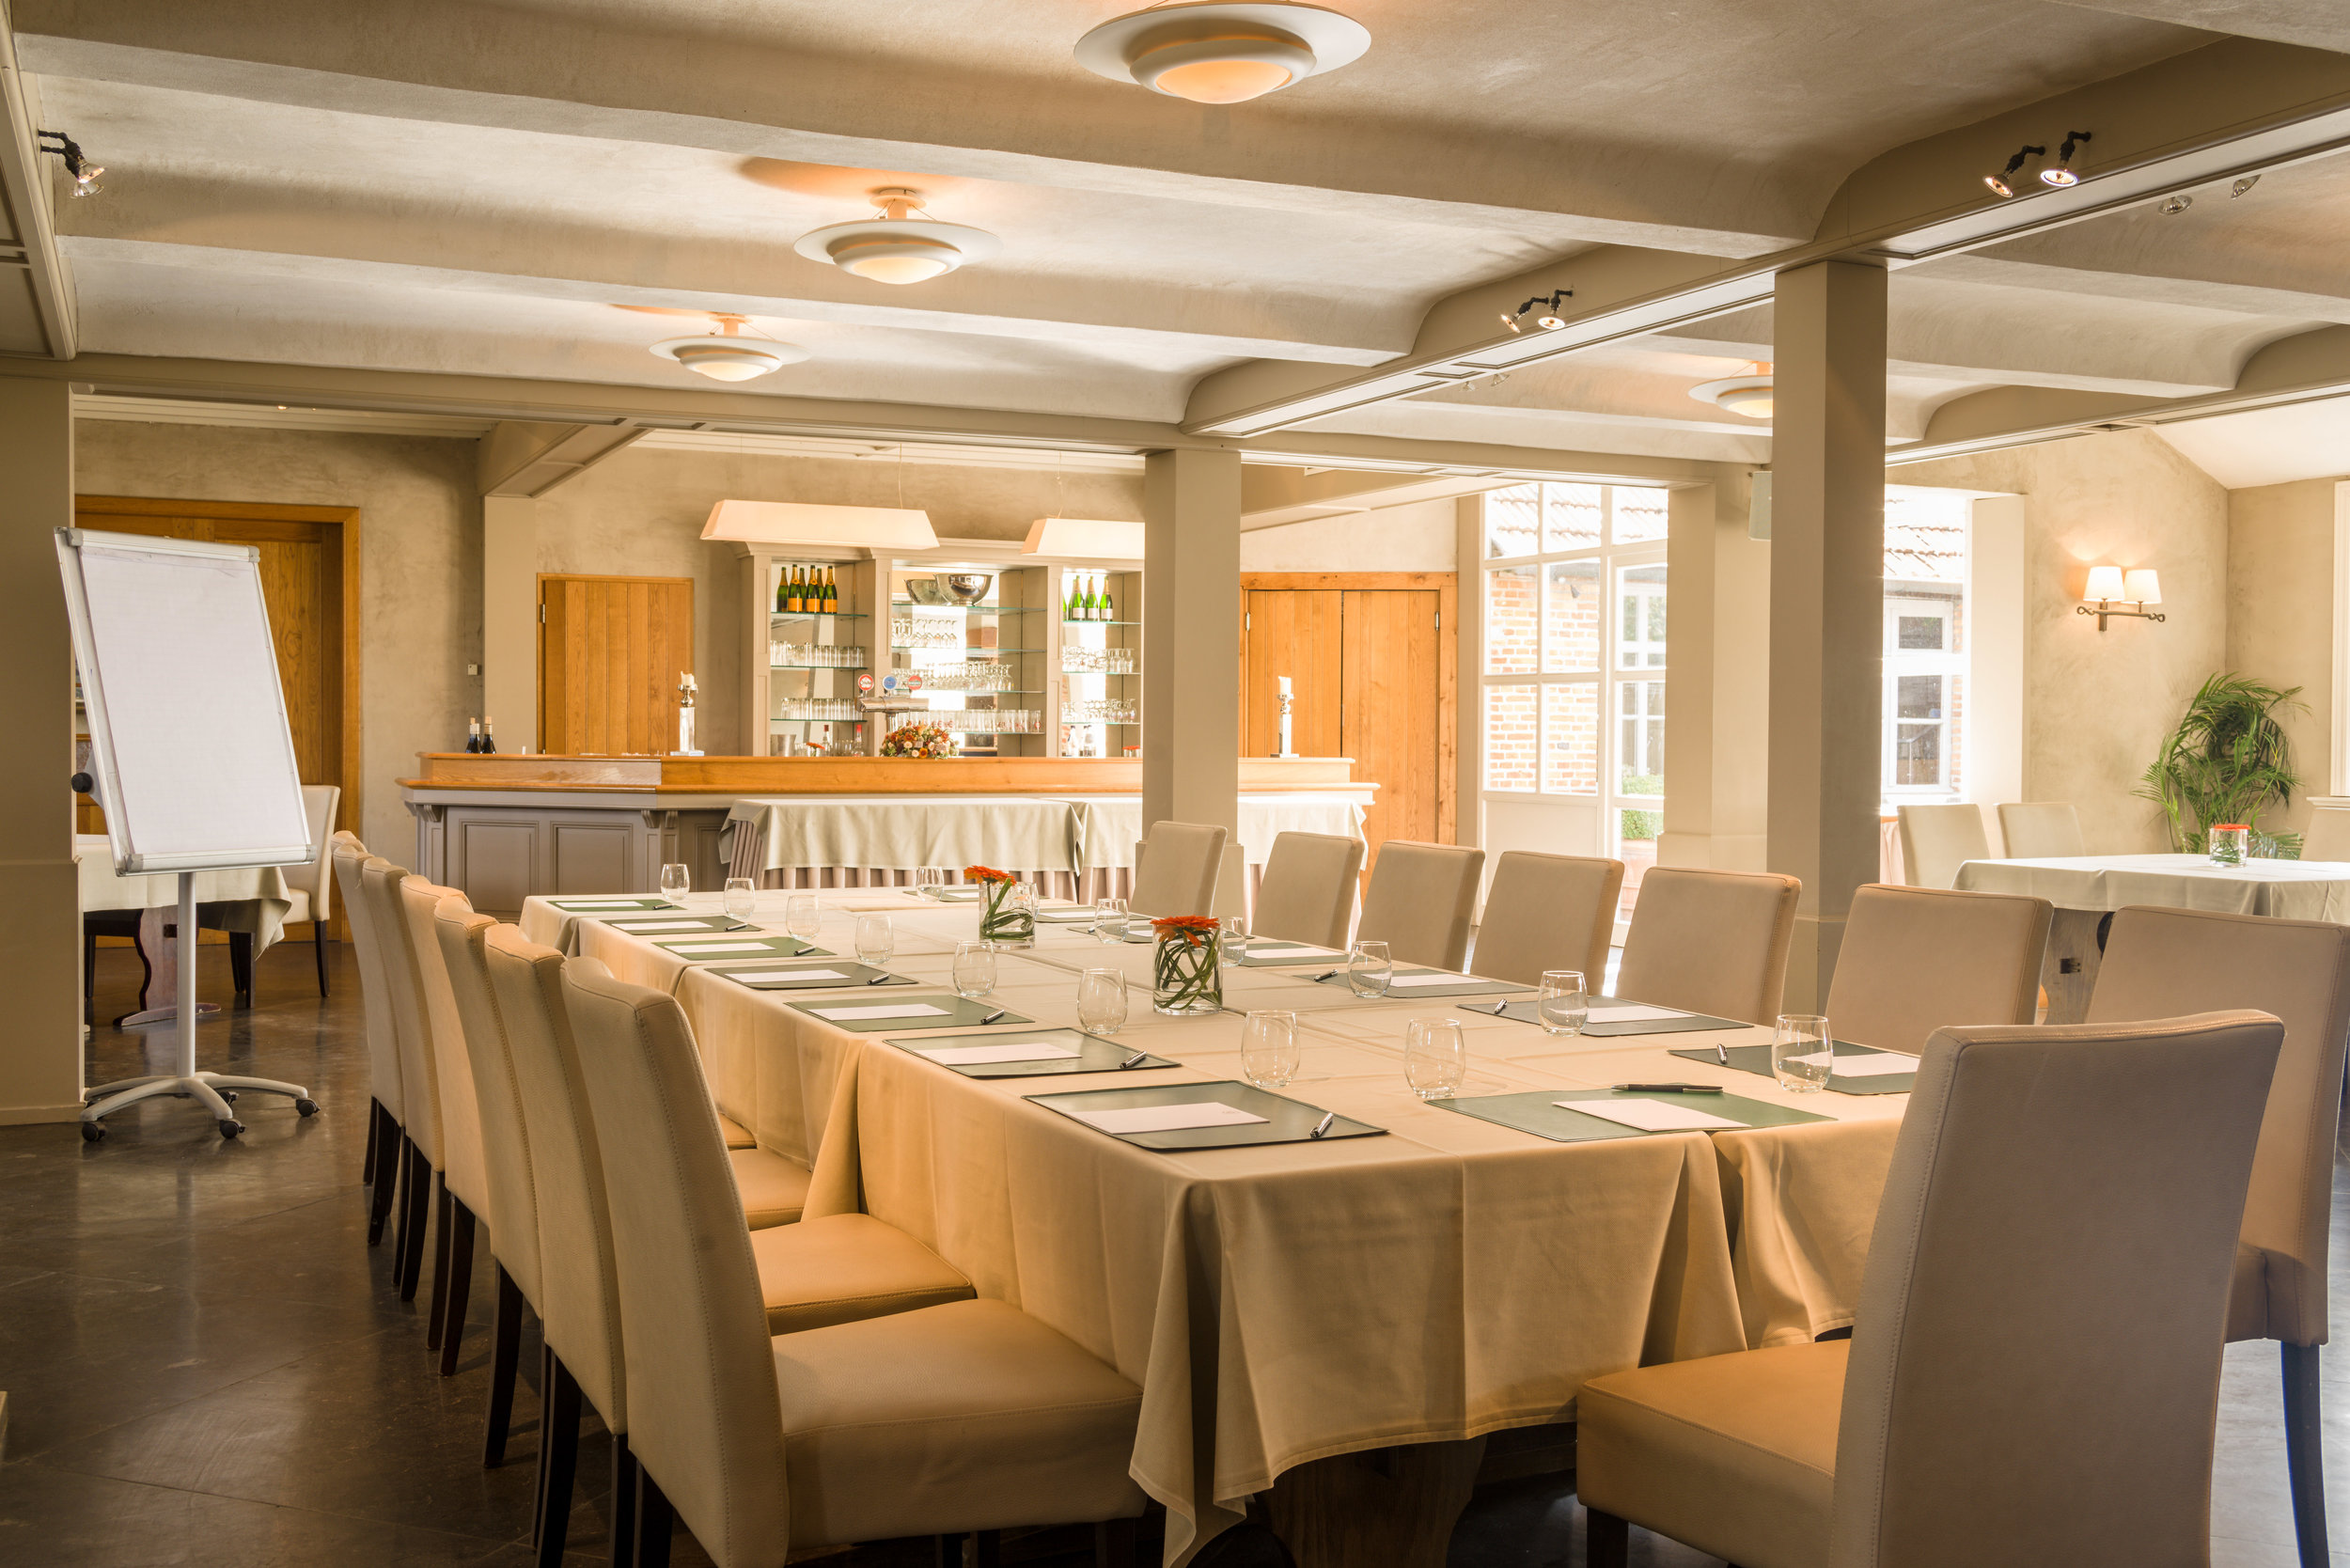 't Voorhuys - Deze ruimte met apart salon zorgt ervoor dat u en uw gezelschap ongestoord en aangenaam kunnen vergaderen.